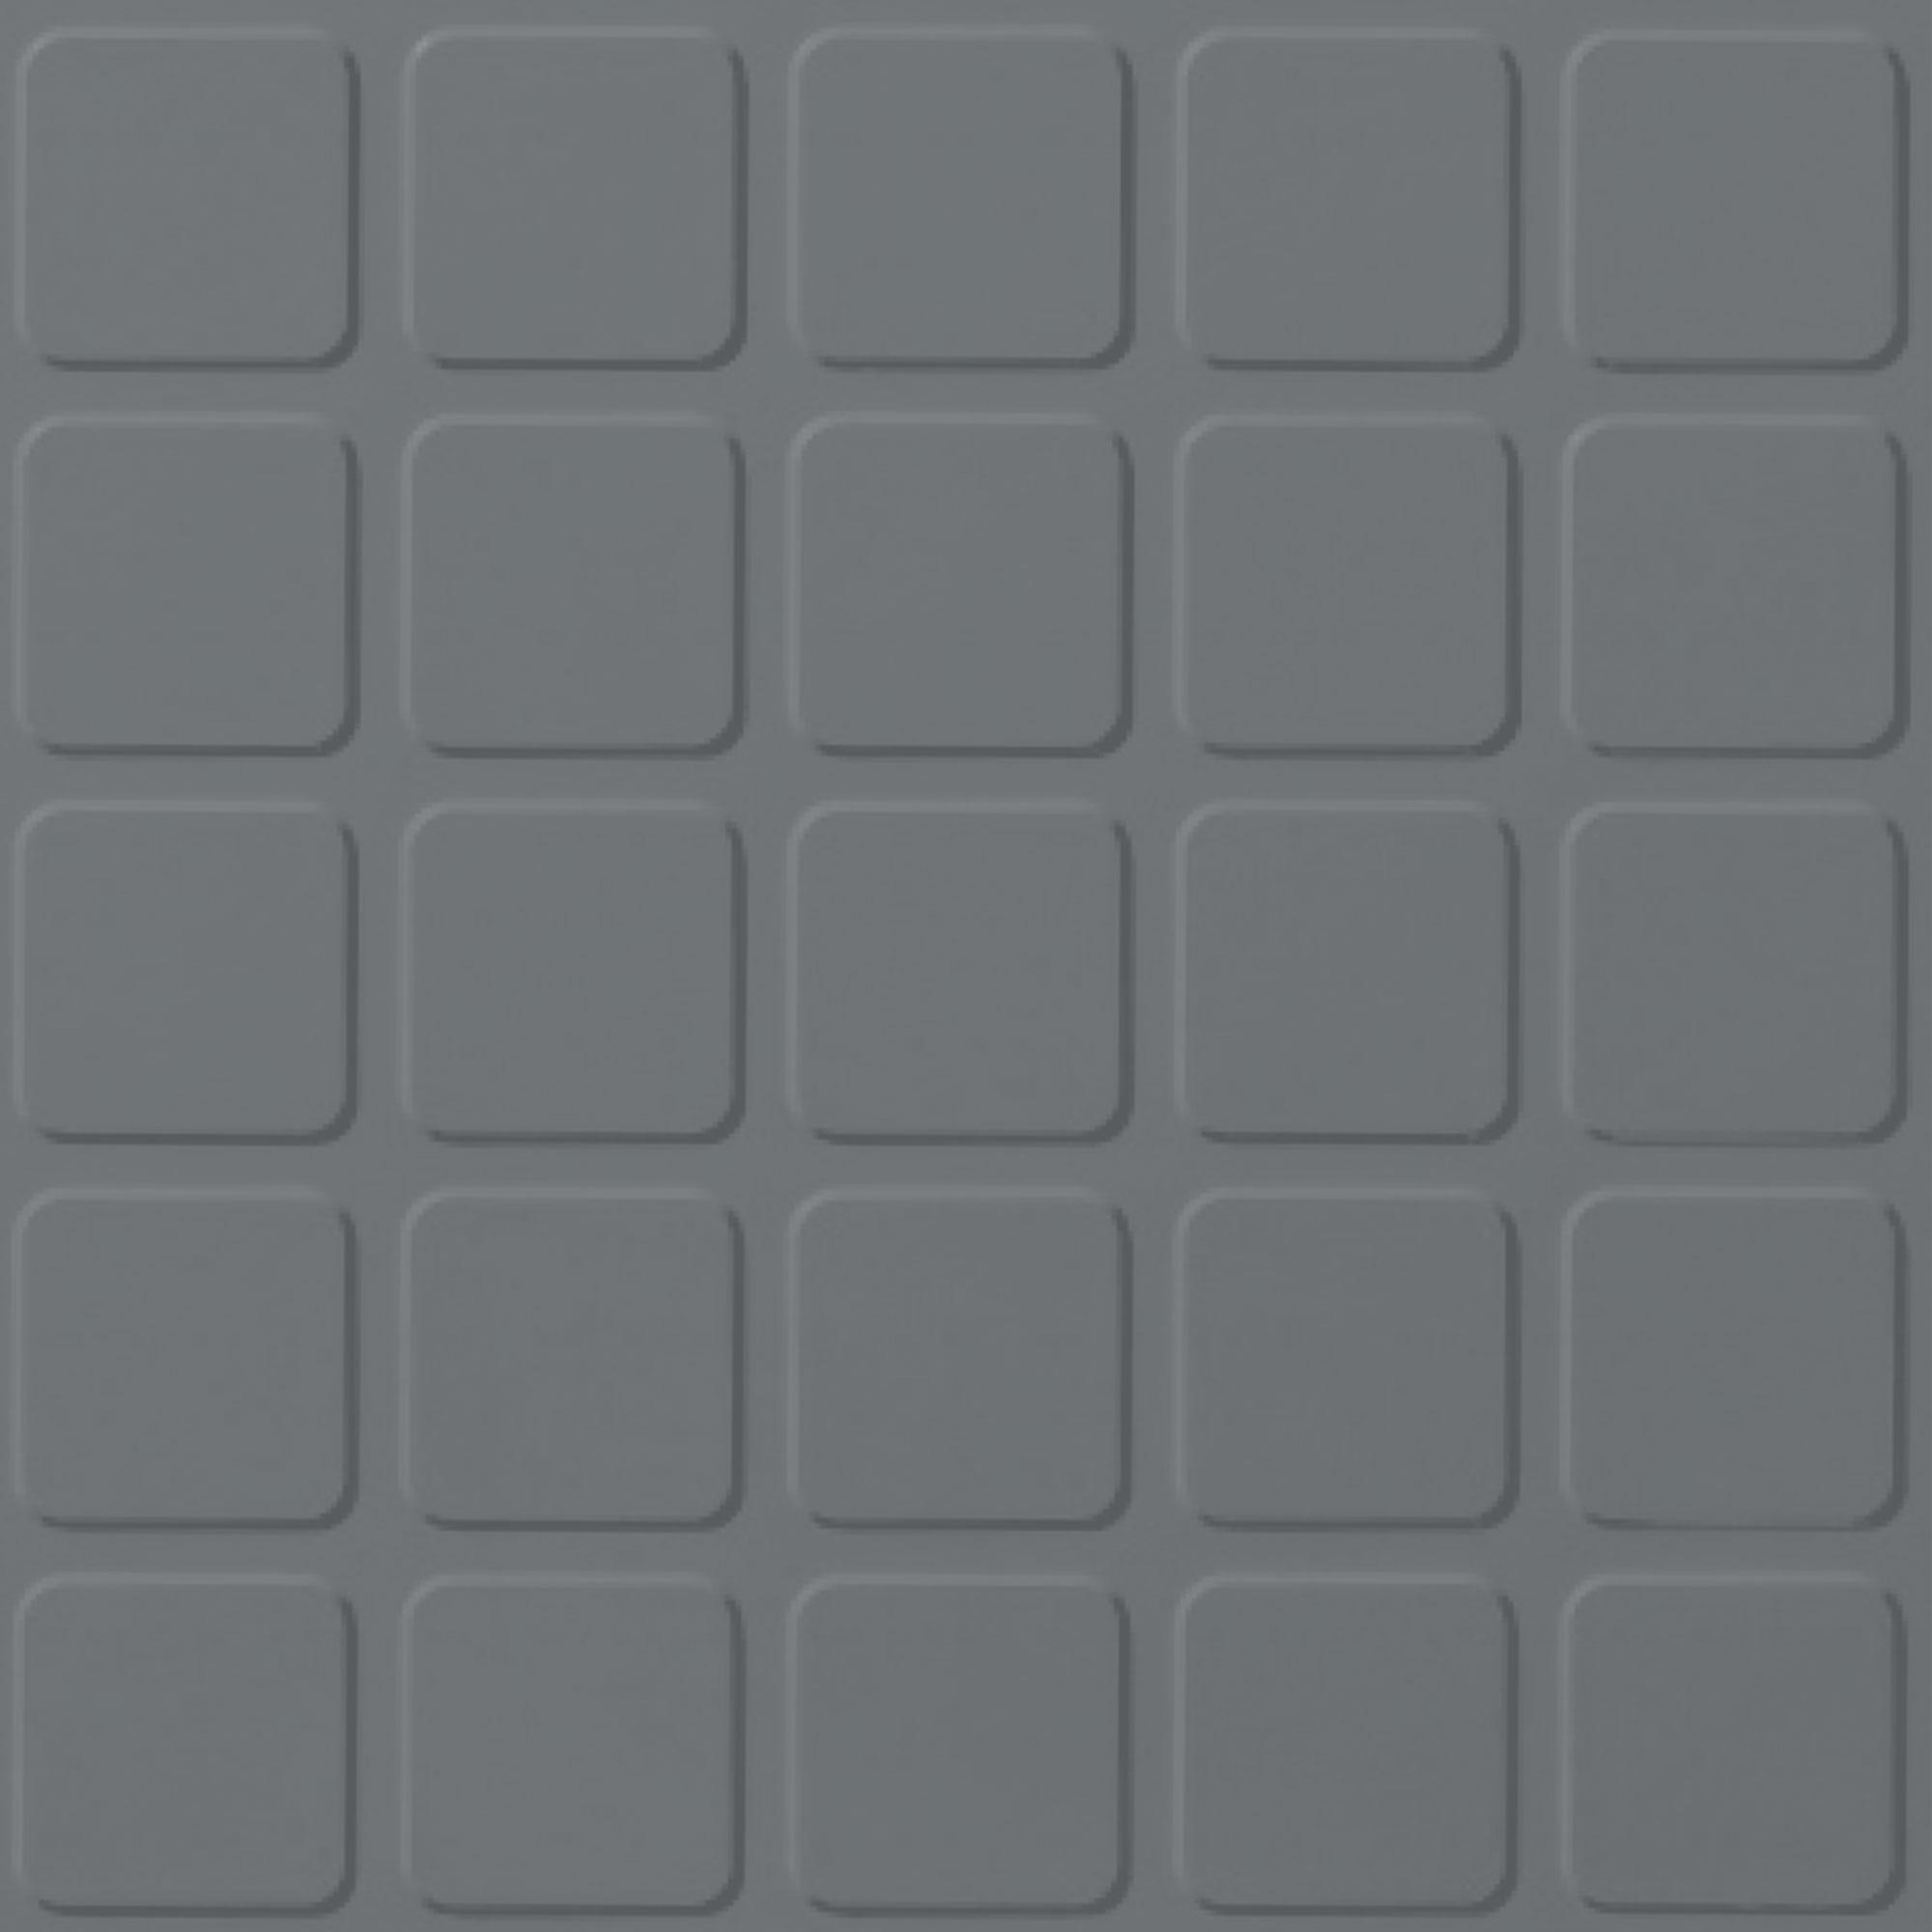 Roppe Rubber Tile 900 - Raised Square Design (994) Dark Gray Rubber Flooring